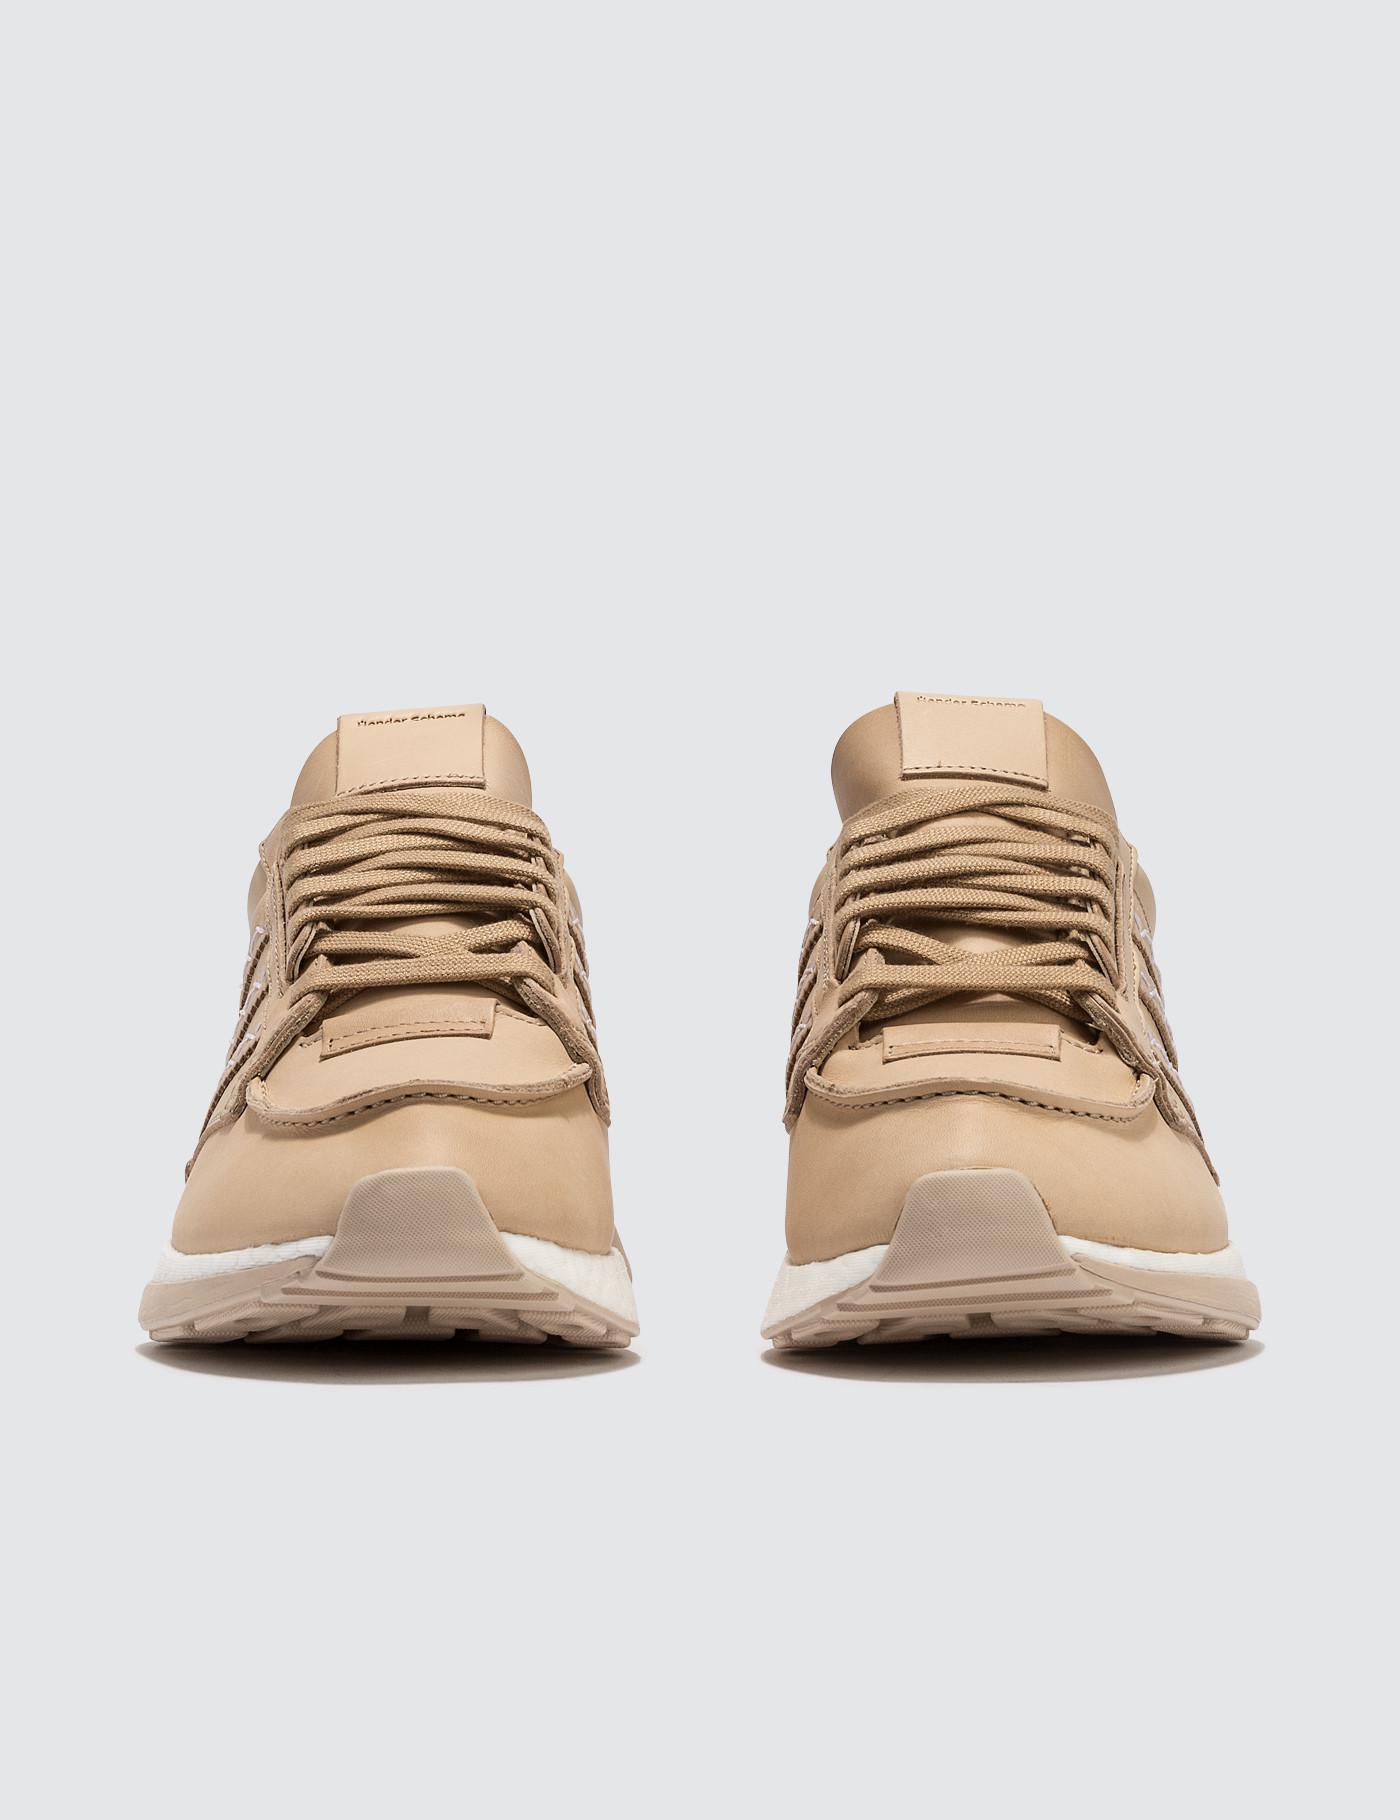 72c546495f65 Adidas Originals Hender Scheme X Adidas Zx 500 Rm Fl in Natural for Men -  Lyst